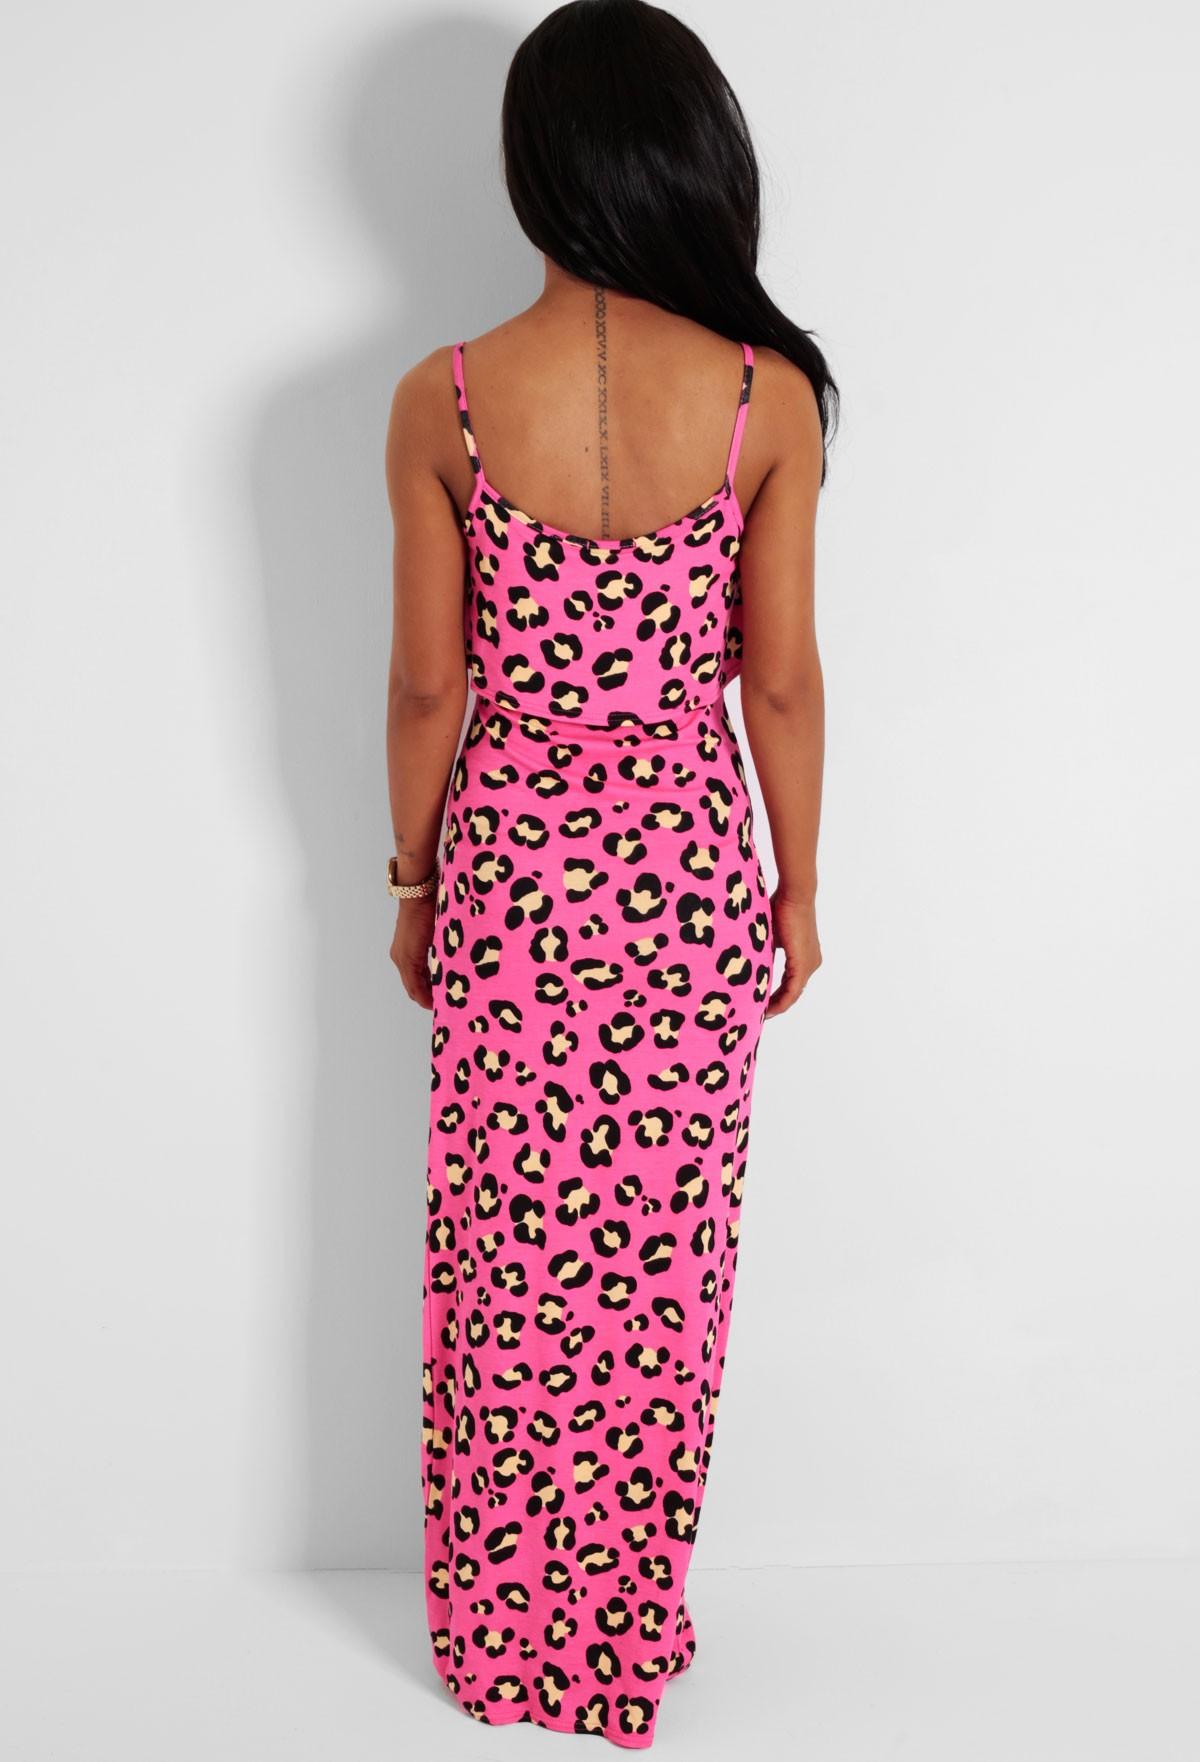 6c489b5eb0 Pink Lady Leopard Print Ruffle Maxi Dress